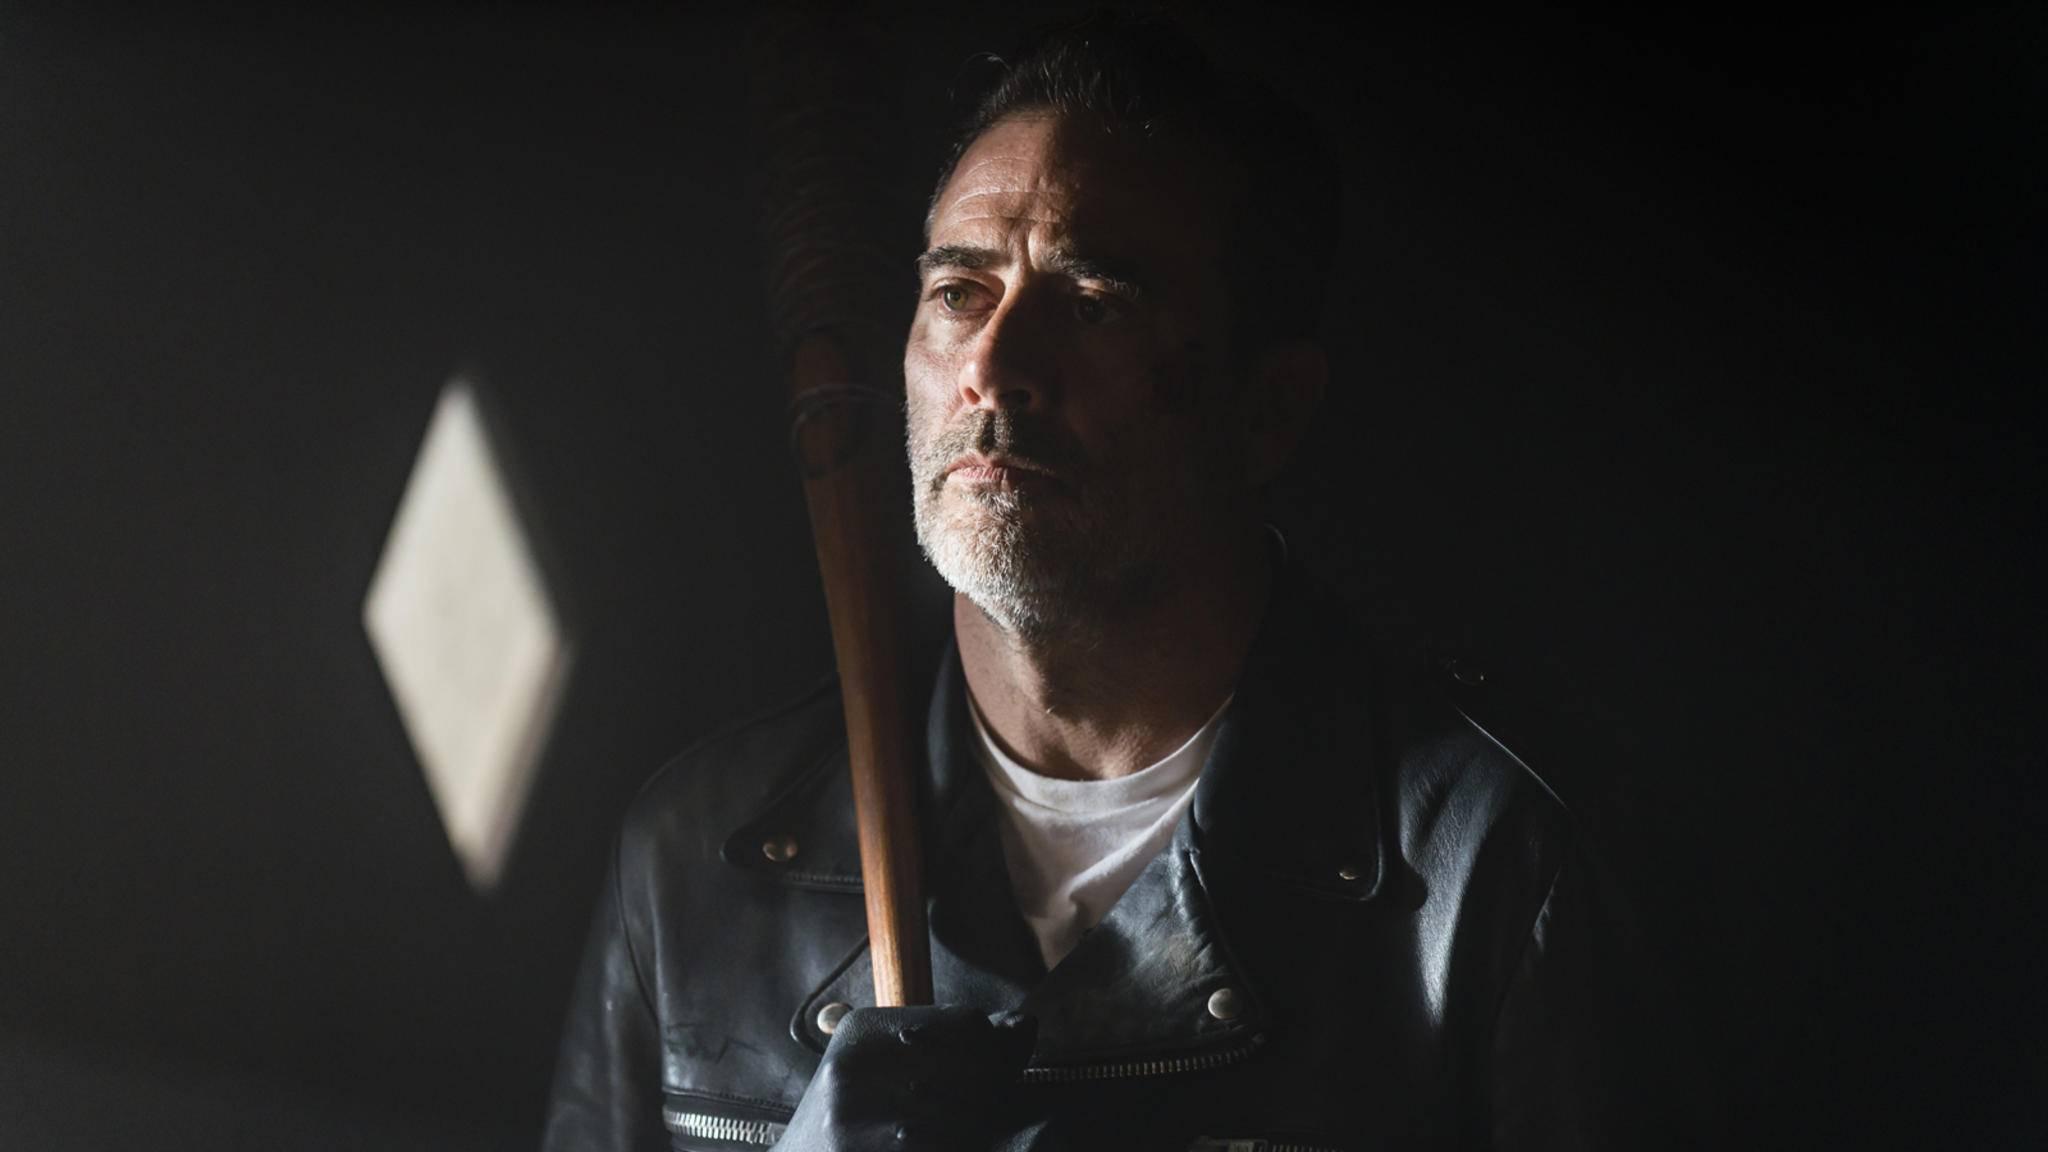 Kuschelkurs mit Negan gefällig? Für Gabriel wird das zum Ende von Episode 1 bittere Realität.